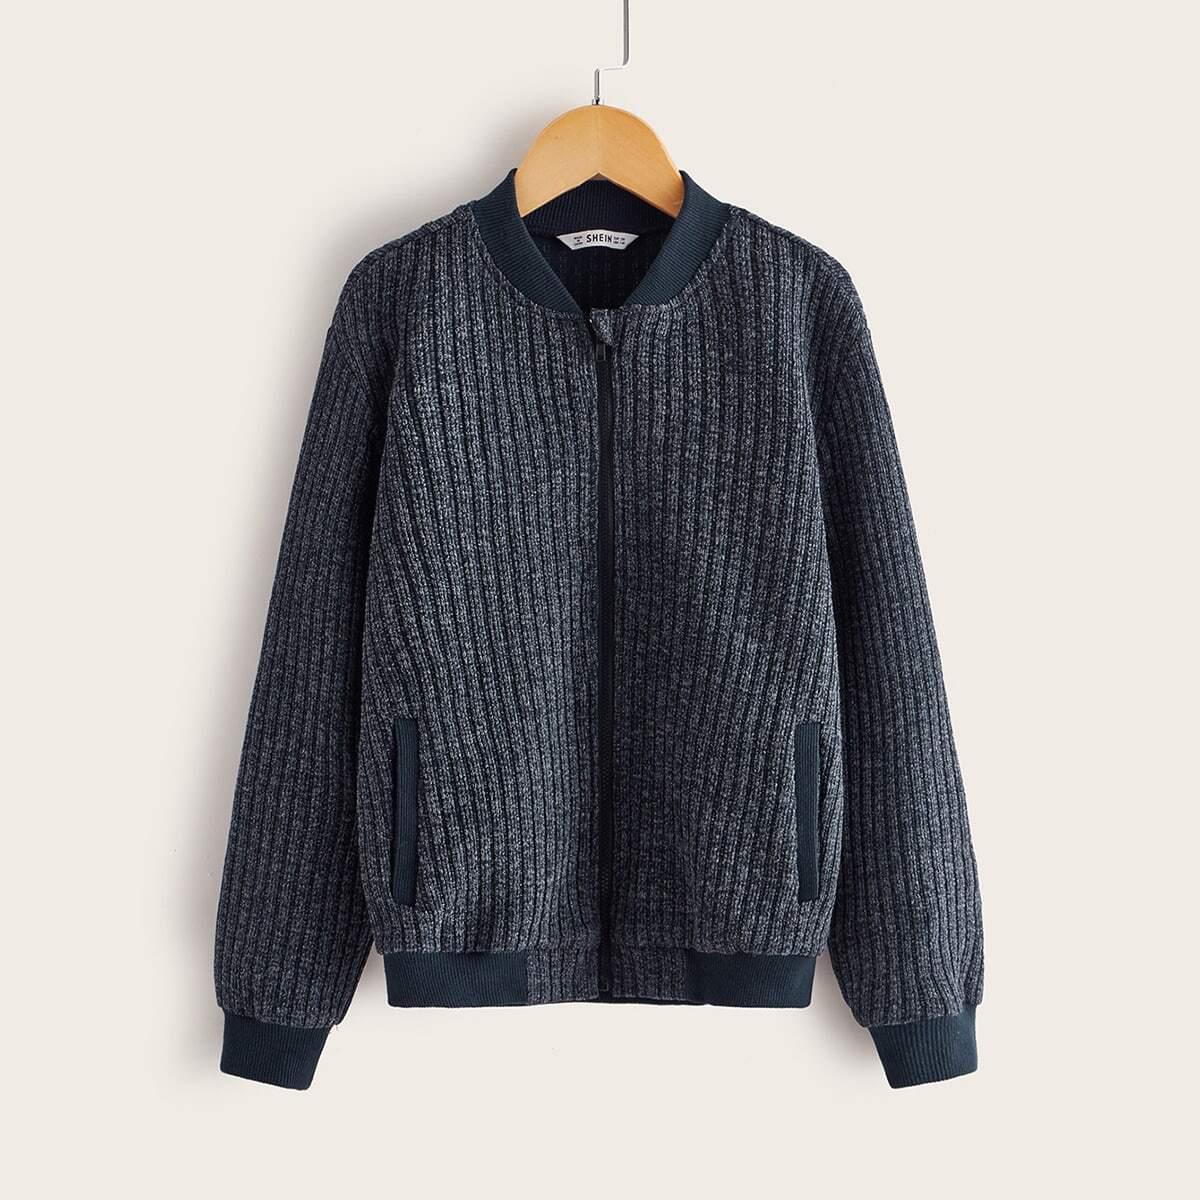 Полосатая вязанная куртка-бомбер на молнии для мальчиков от SHEIN